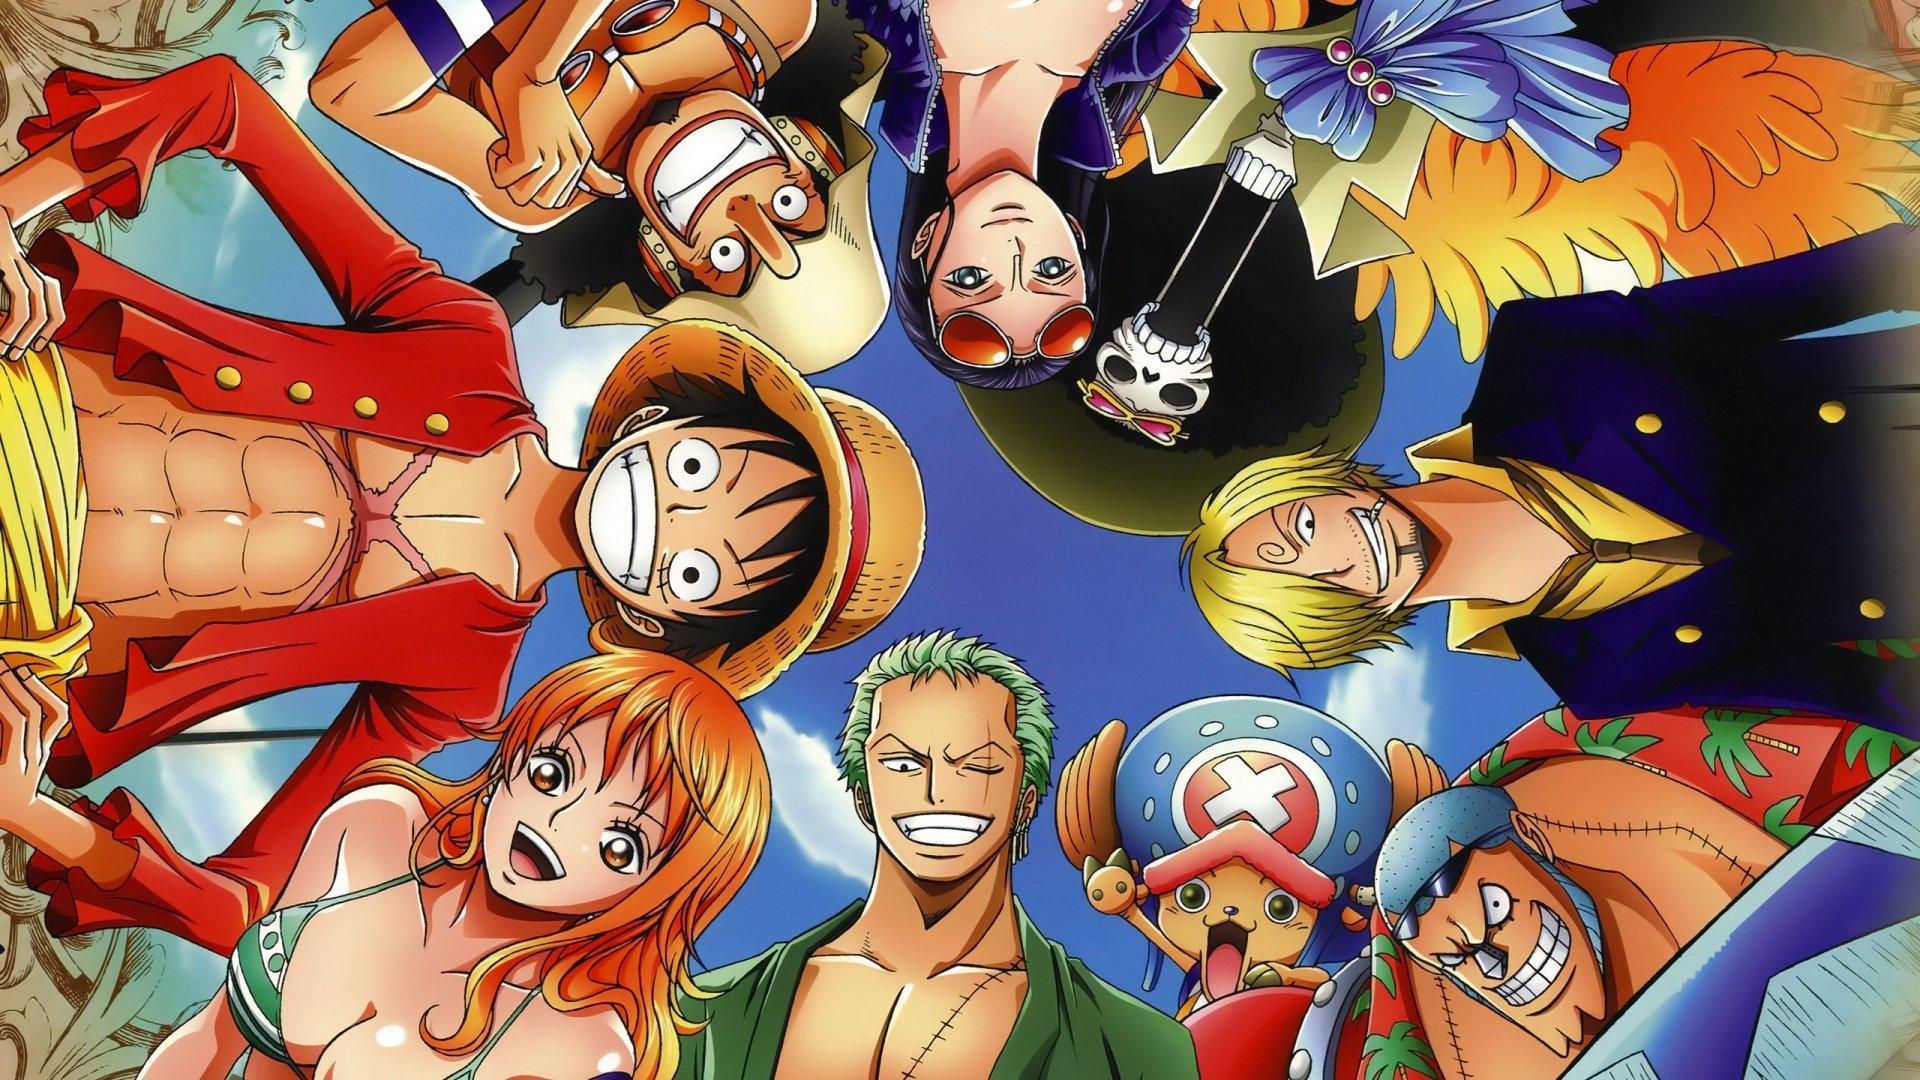 Wallpaper One Piece Monkey D Luffy Roronoa Zoro Sanji